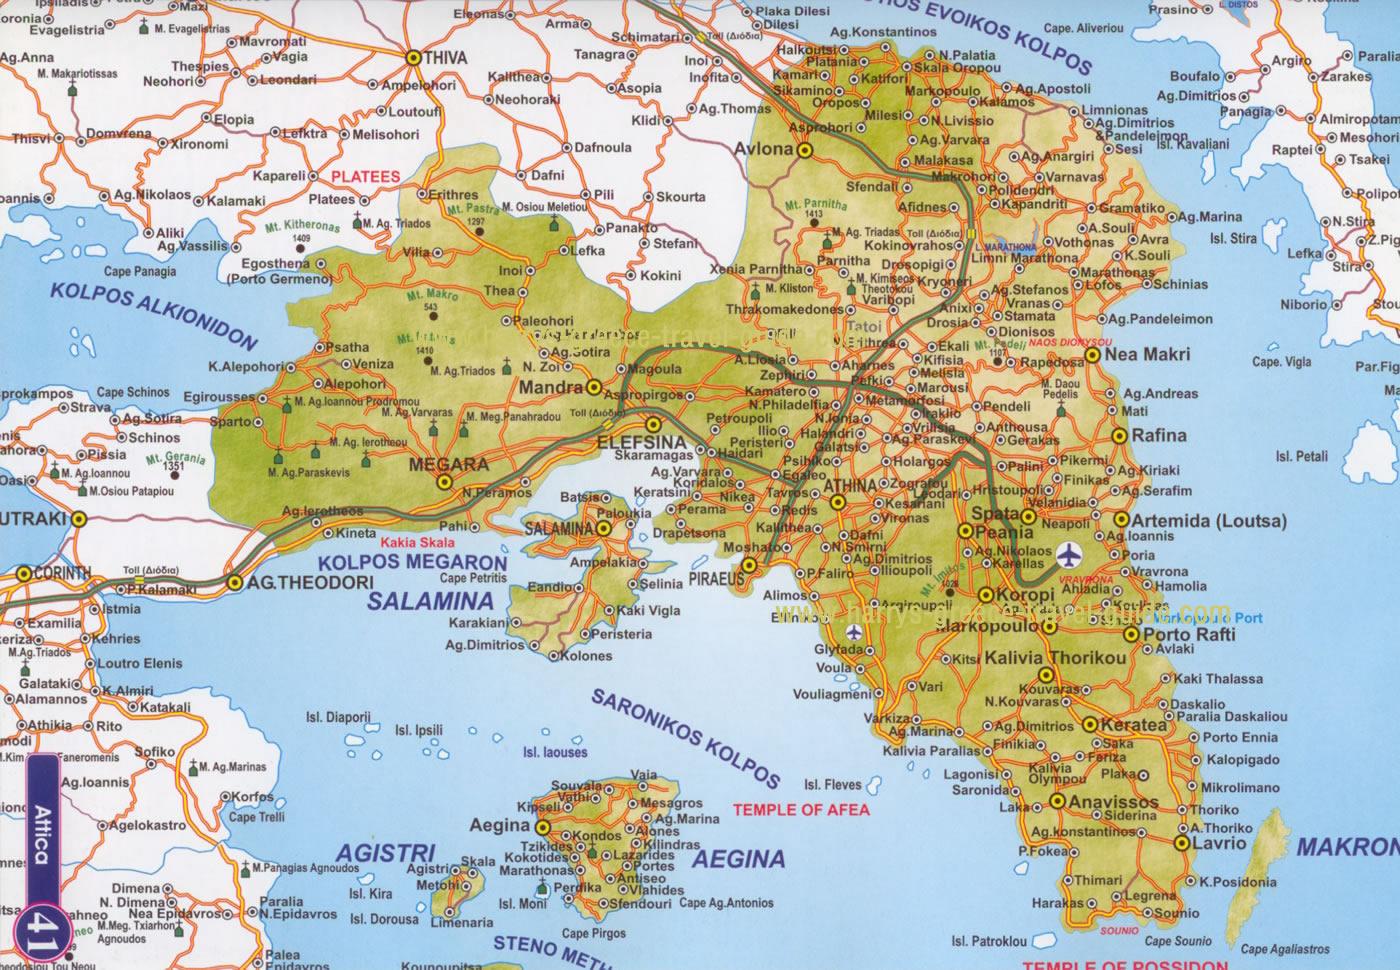 αθηνα χαρτησ Athens | God of War Wiki | FANDOM powered by Wikia αθηνα χαρτησ